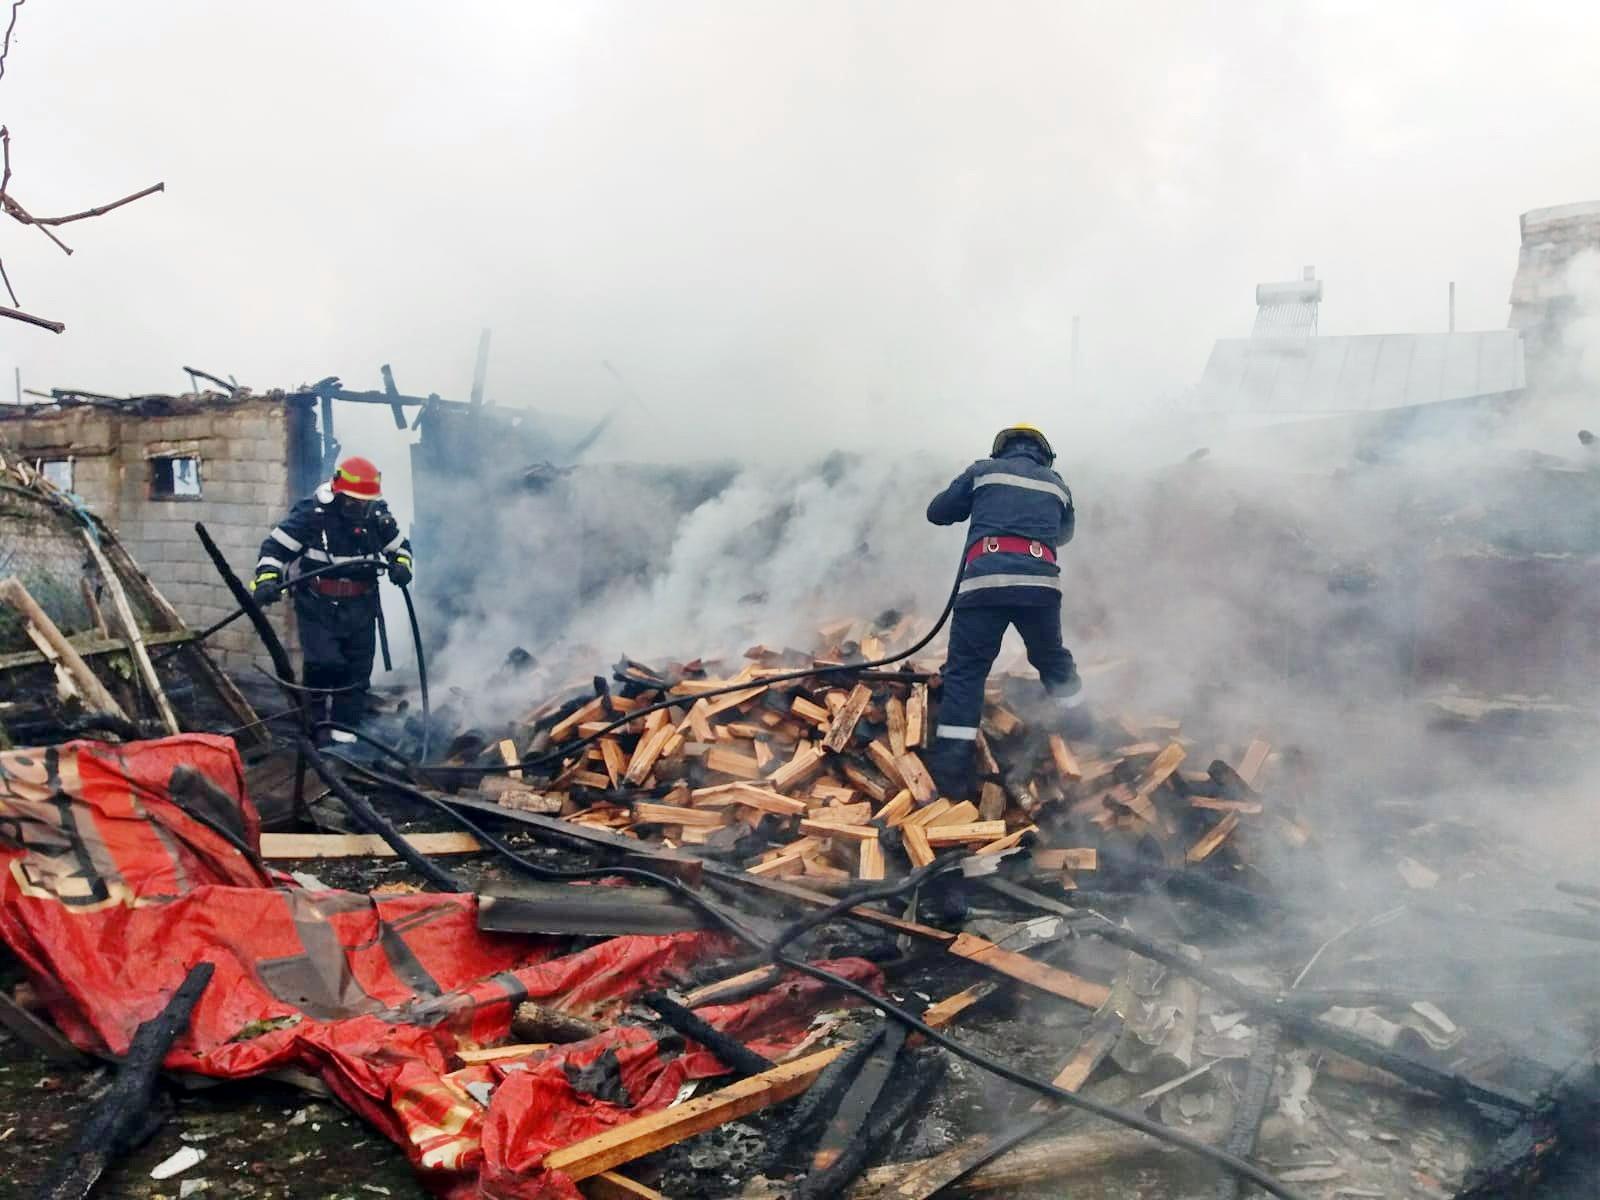 Crovu-Dâmbovița: (Foto) Dramă-Bătrână de 83 de ani decedată, în propria casă, în urma unui incendiu pornit de la televizor